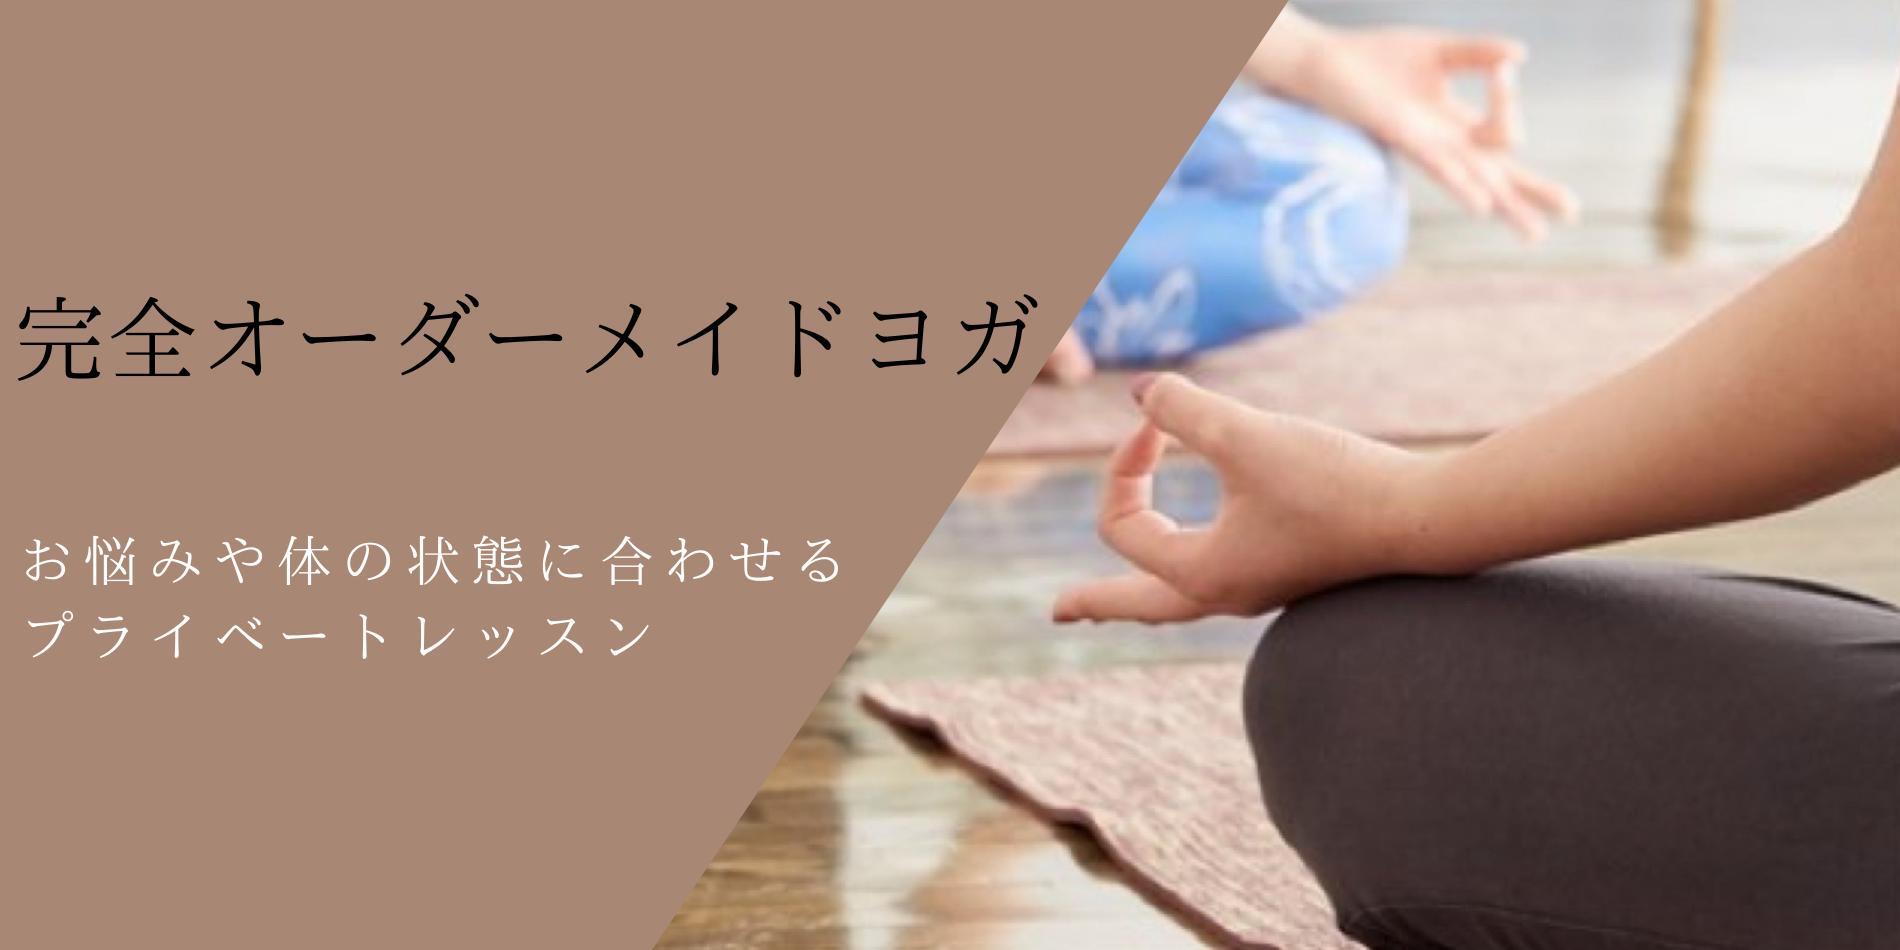 潮来市日の出 yoga salon NAGI プライベートレッスン